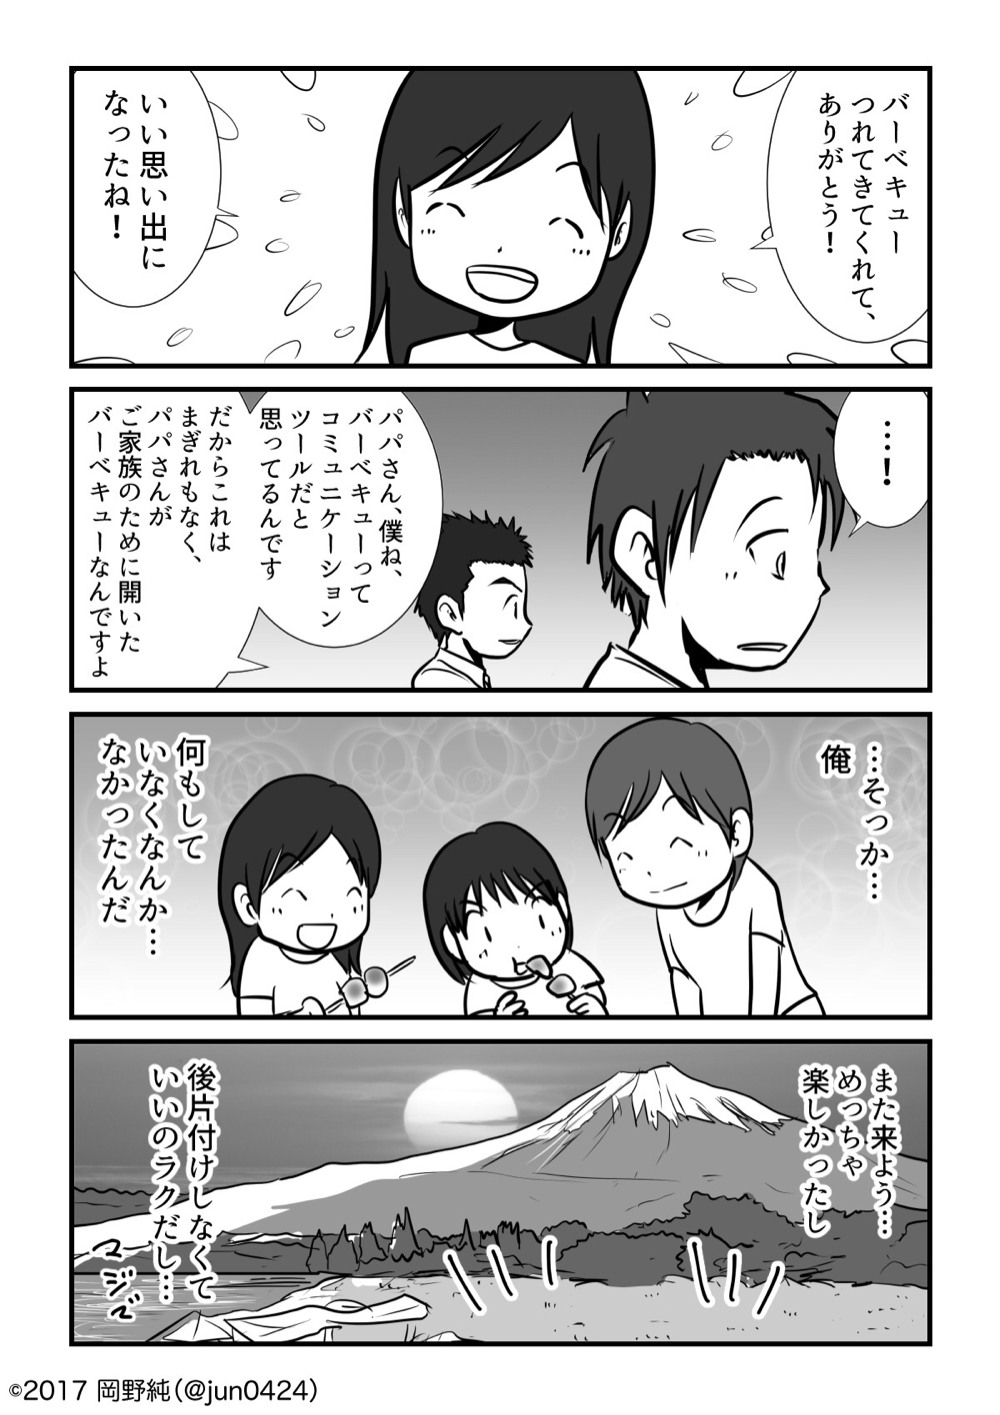 岡野純 漫画 バーベキュー